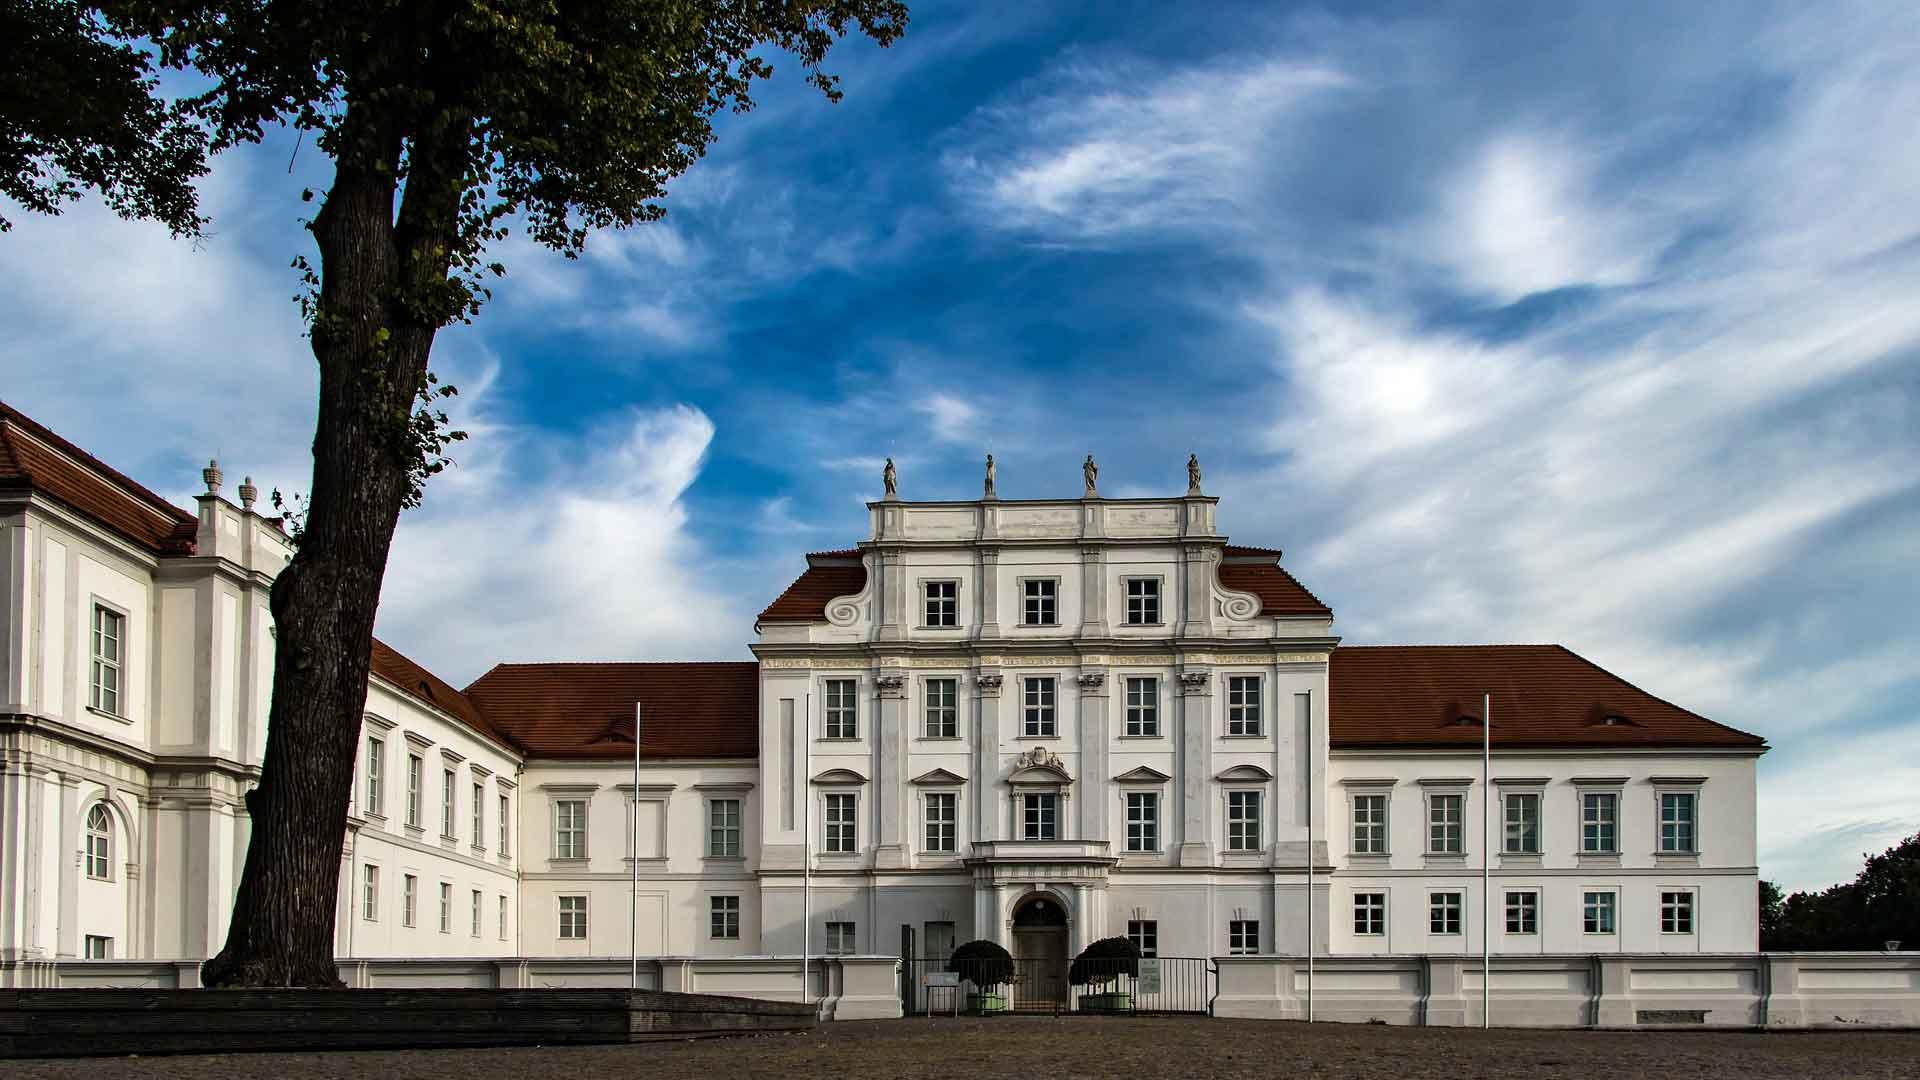 Slot Oranienburg